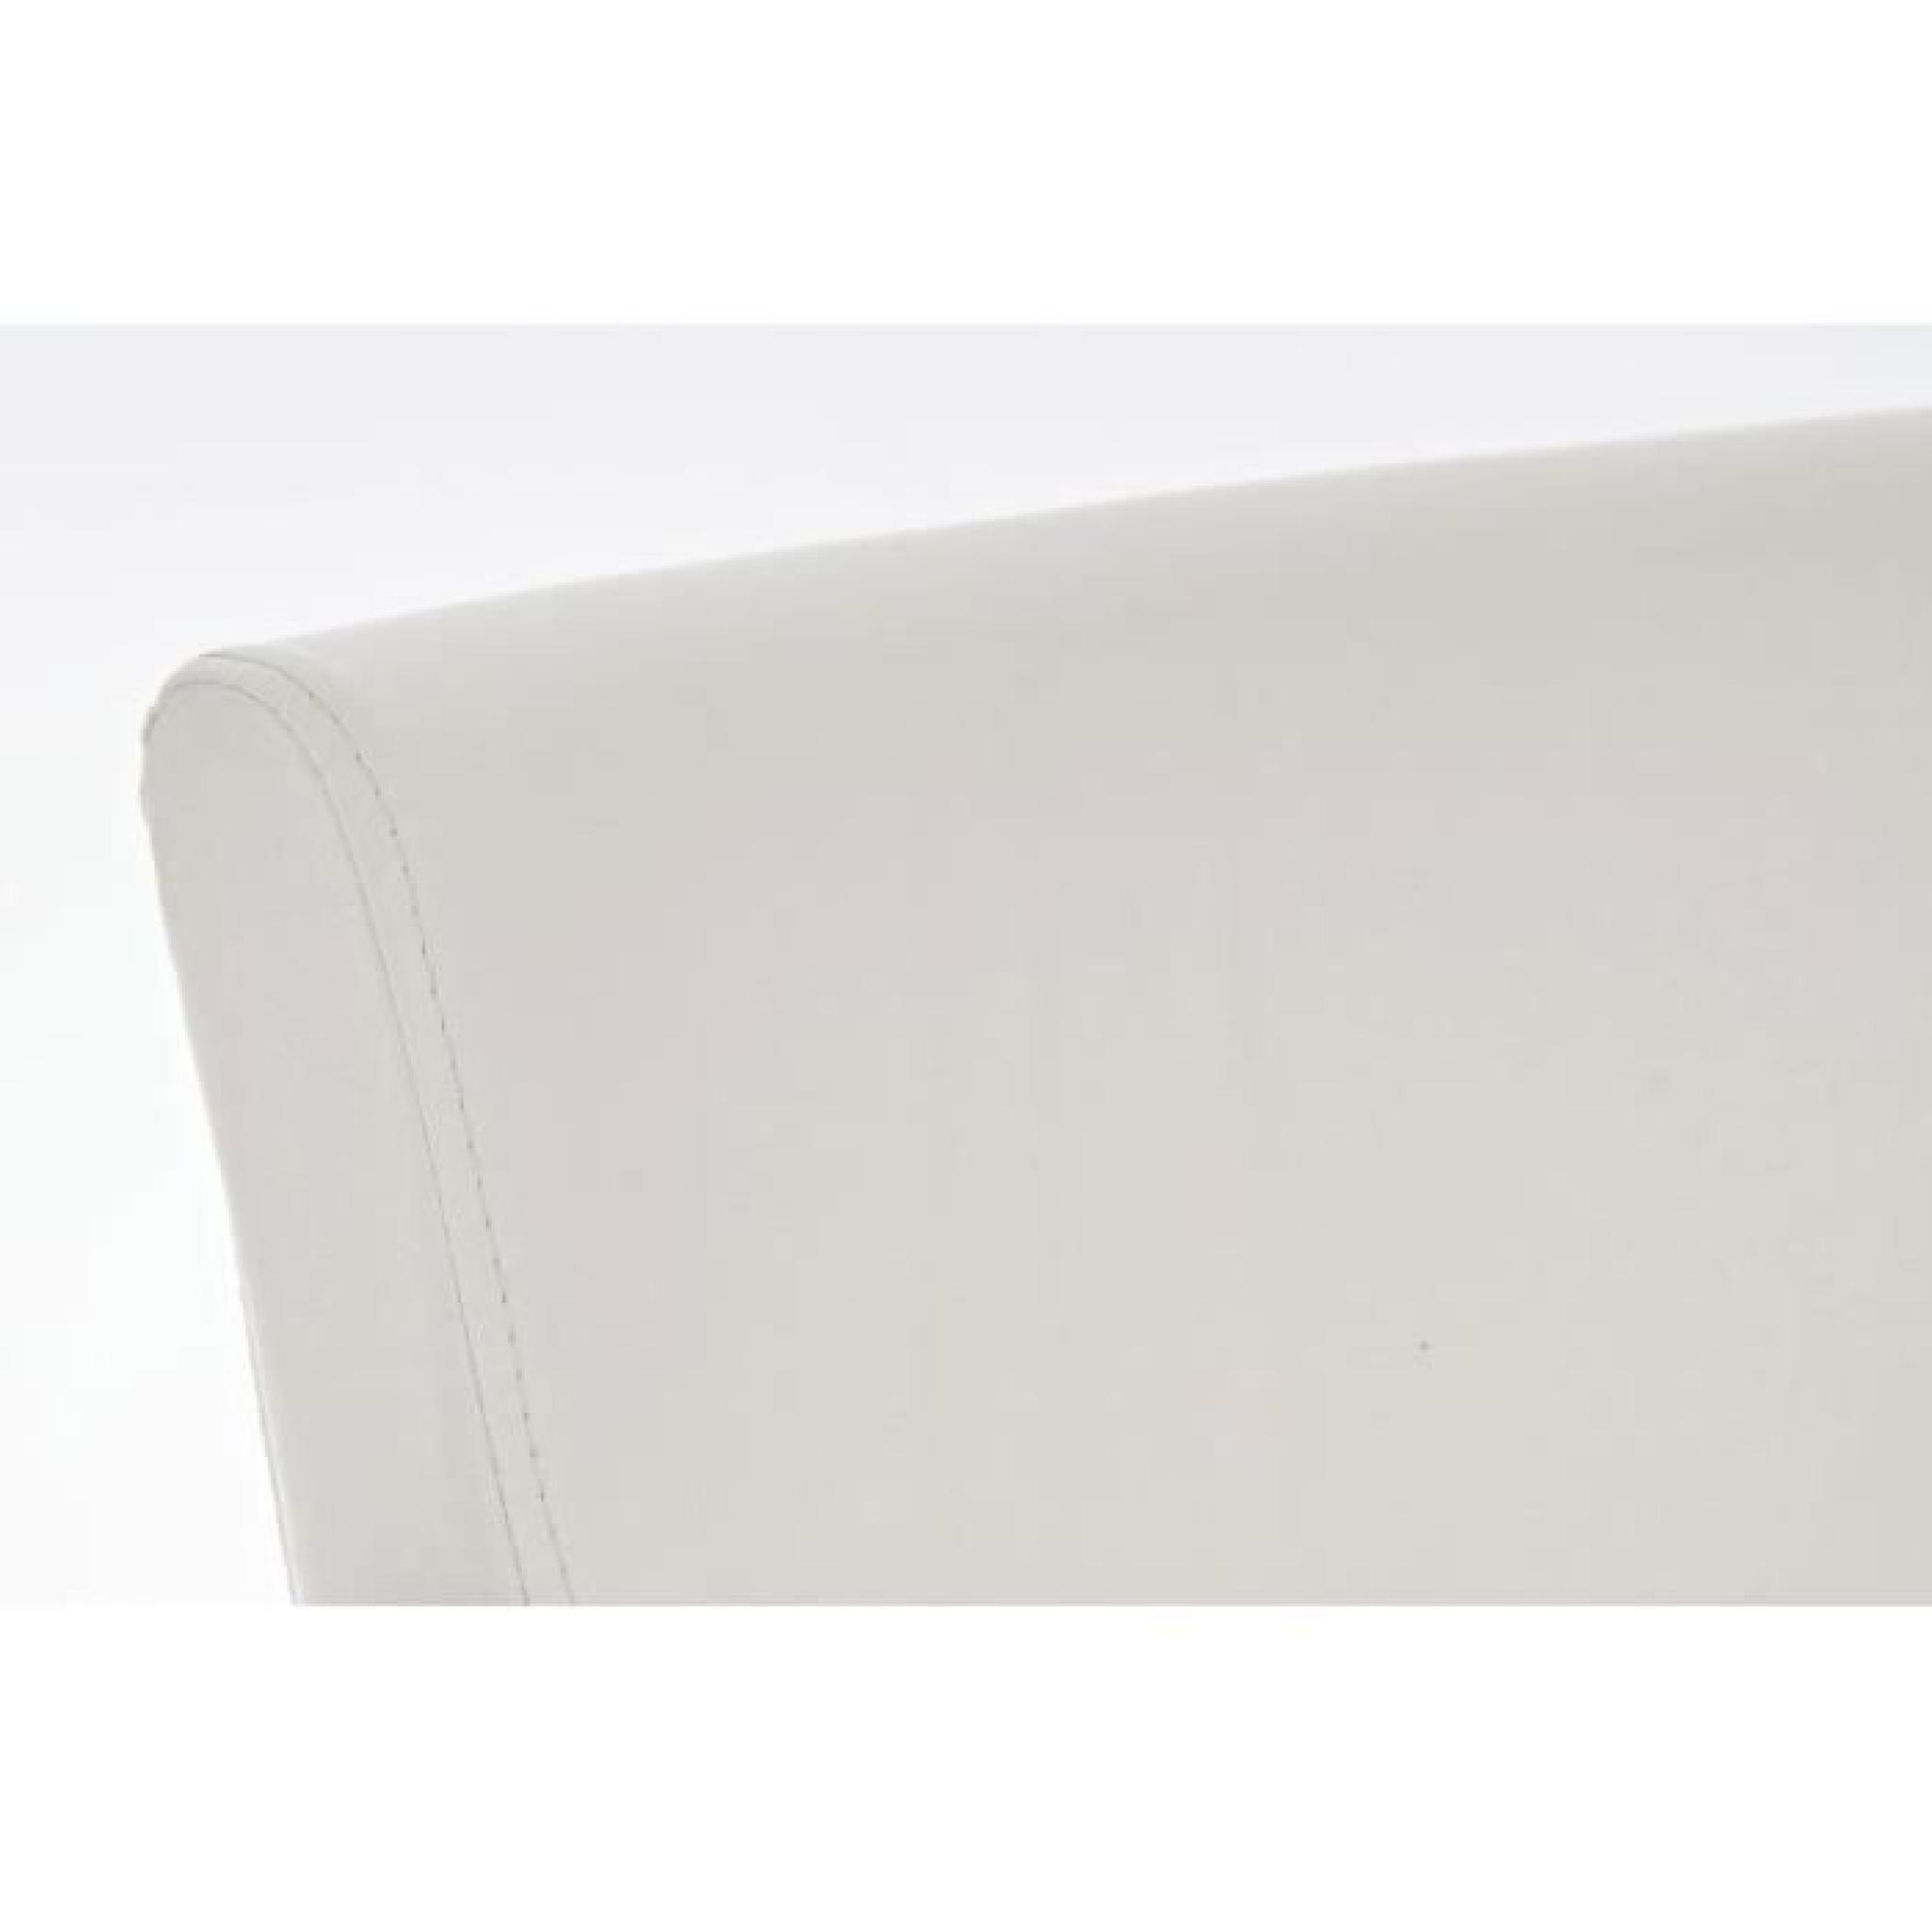 clp tabouret de bar rembourr lionel avec accoudoirs en bois et un rev tement en pu 5 couleurs. Black Bedroom Furniture Sets. Home Design Ideas